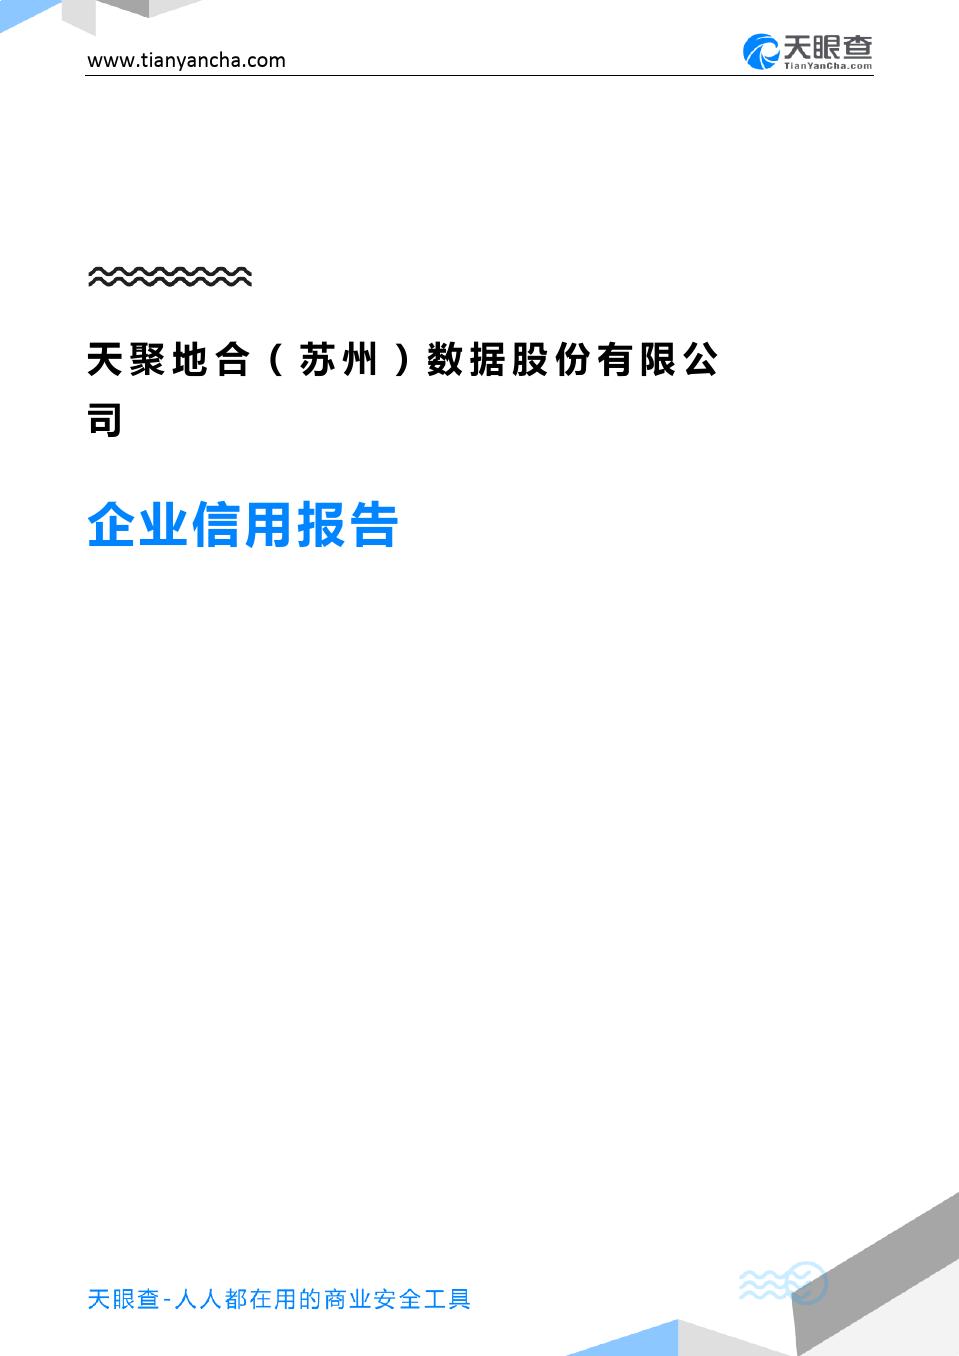 天聚地合(苏州)数据股份有限公司(企业信用报告)- 天眼查